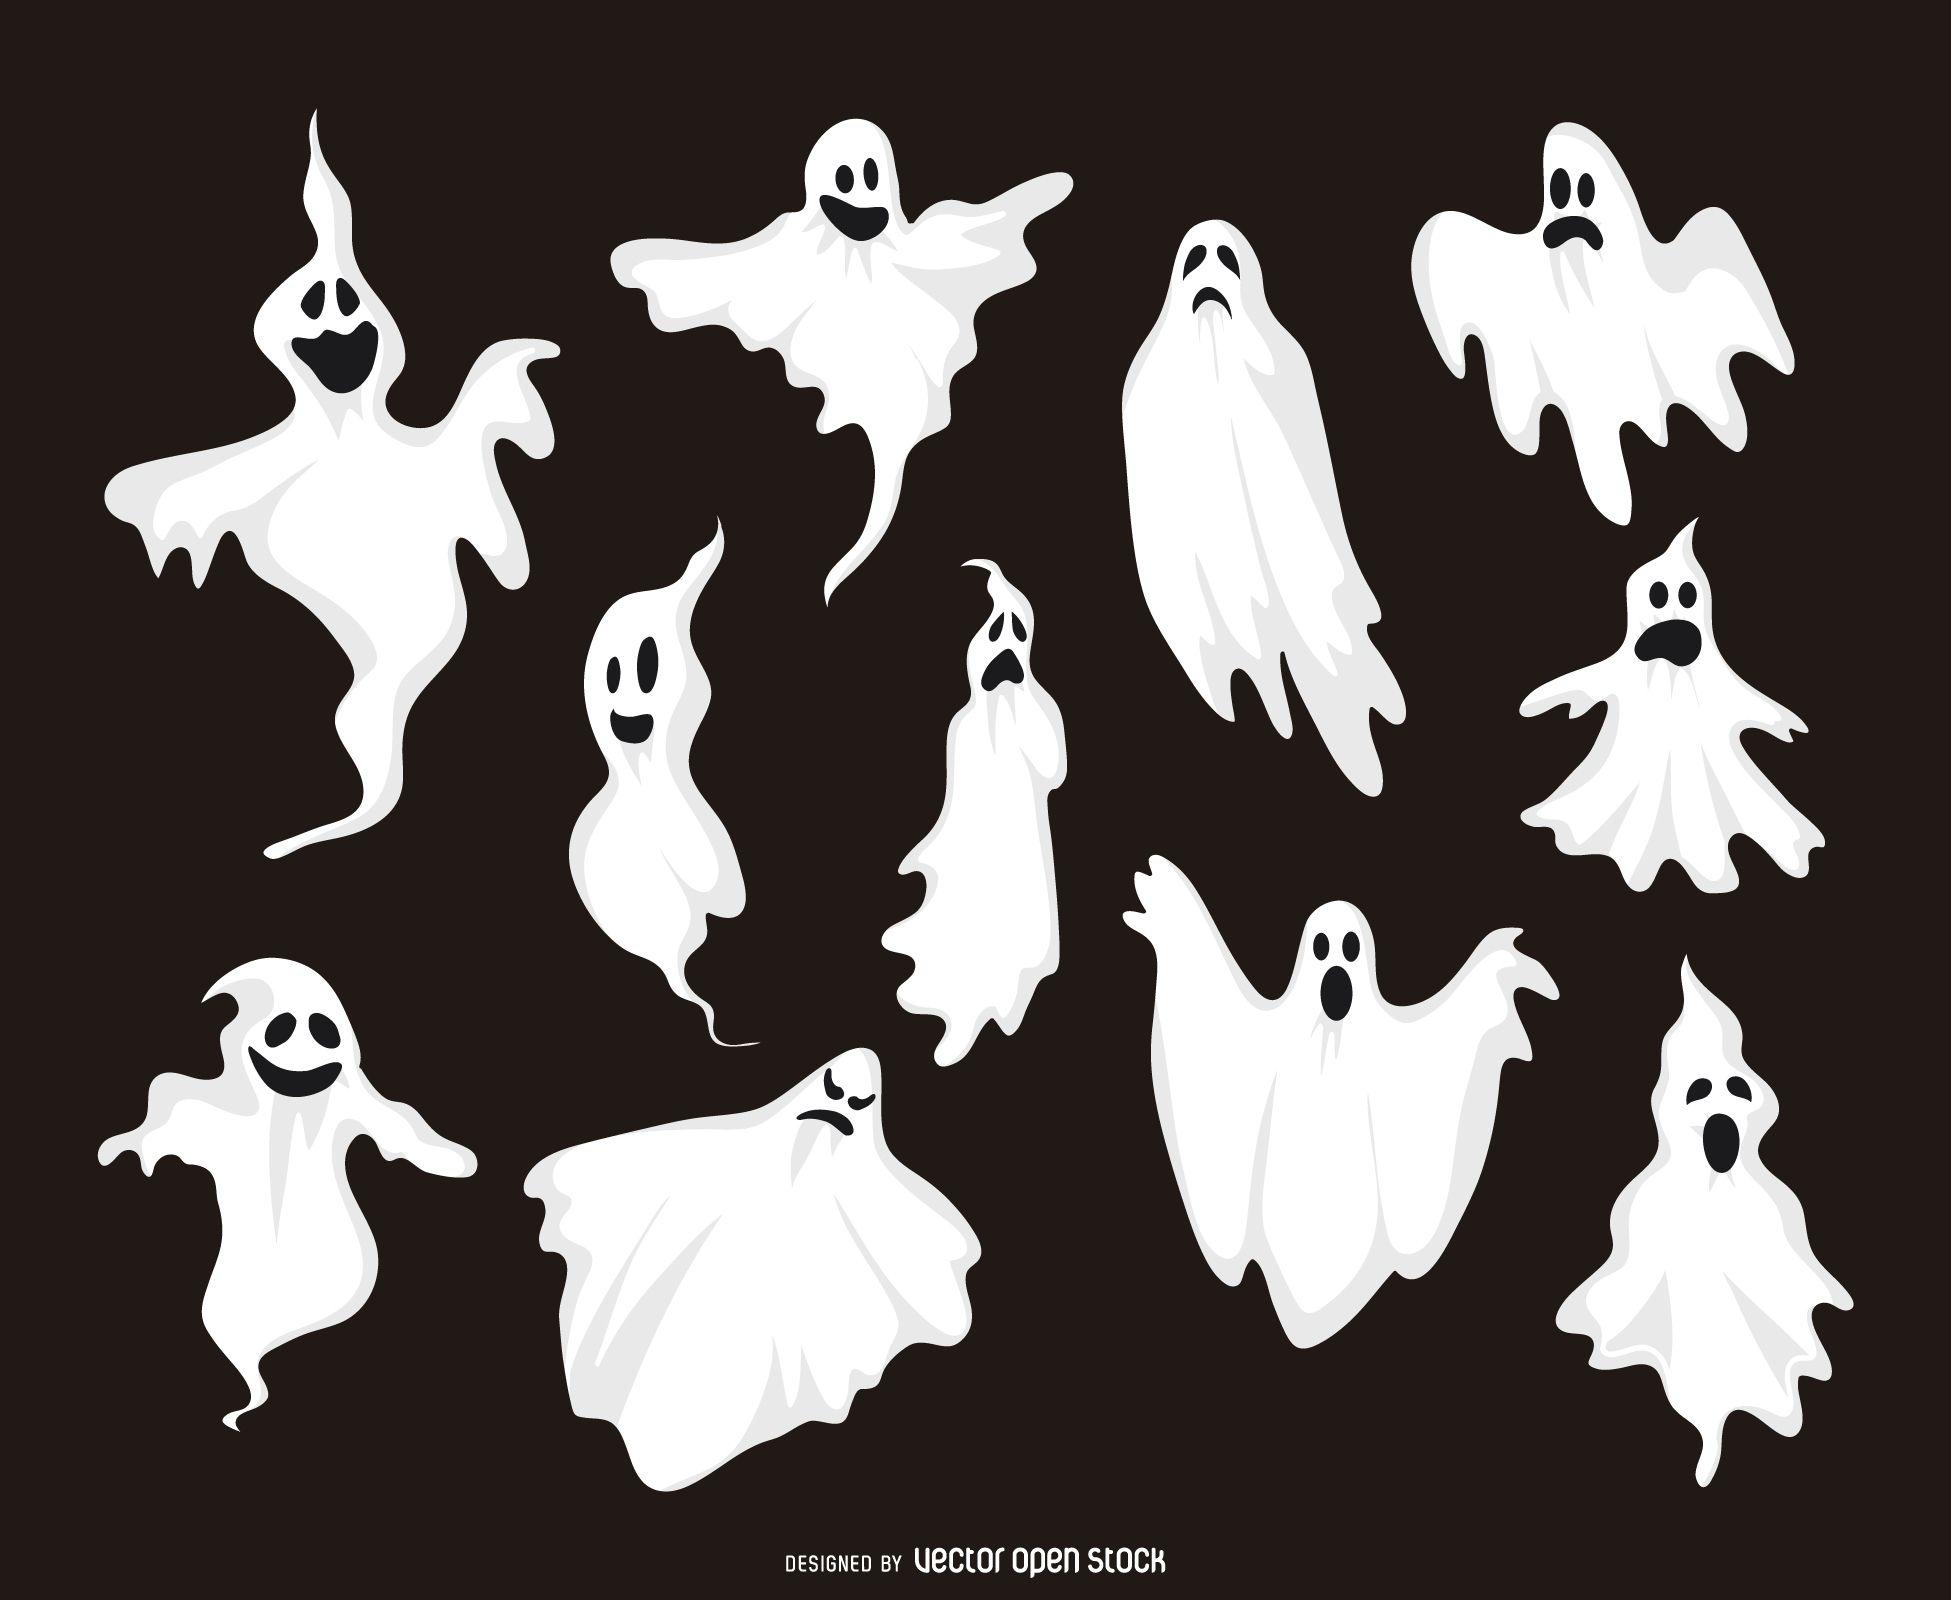 дайте картинки на хэллоуин с приведениями ошибочно